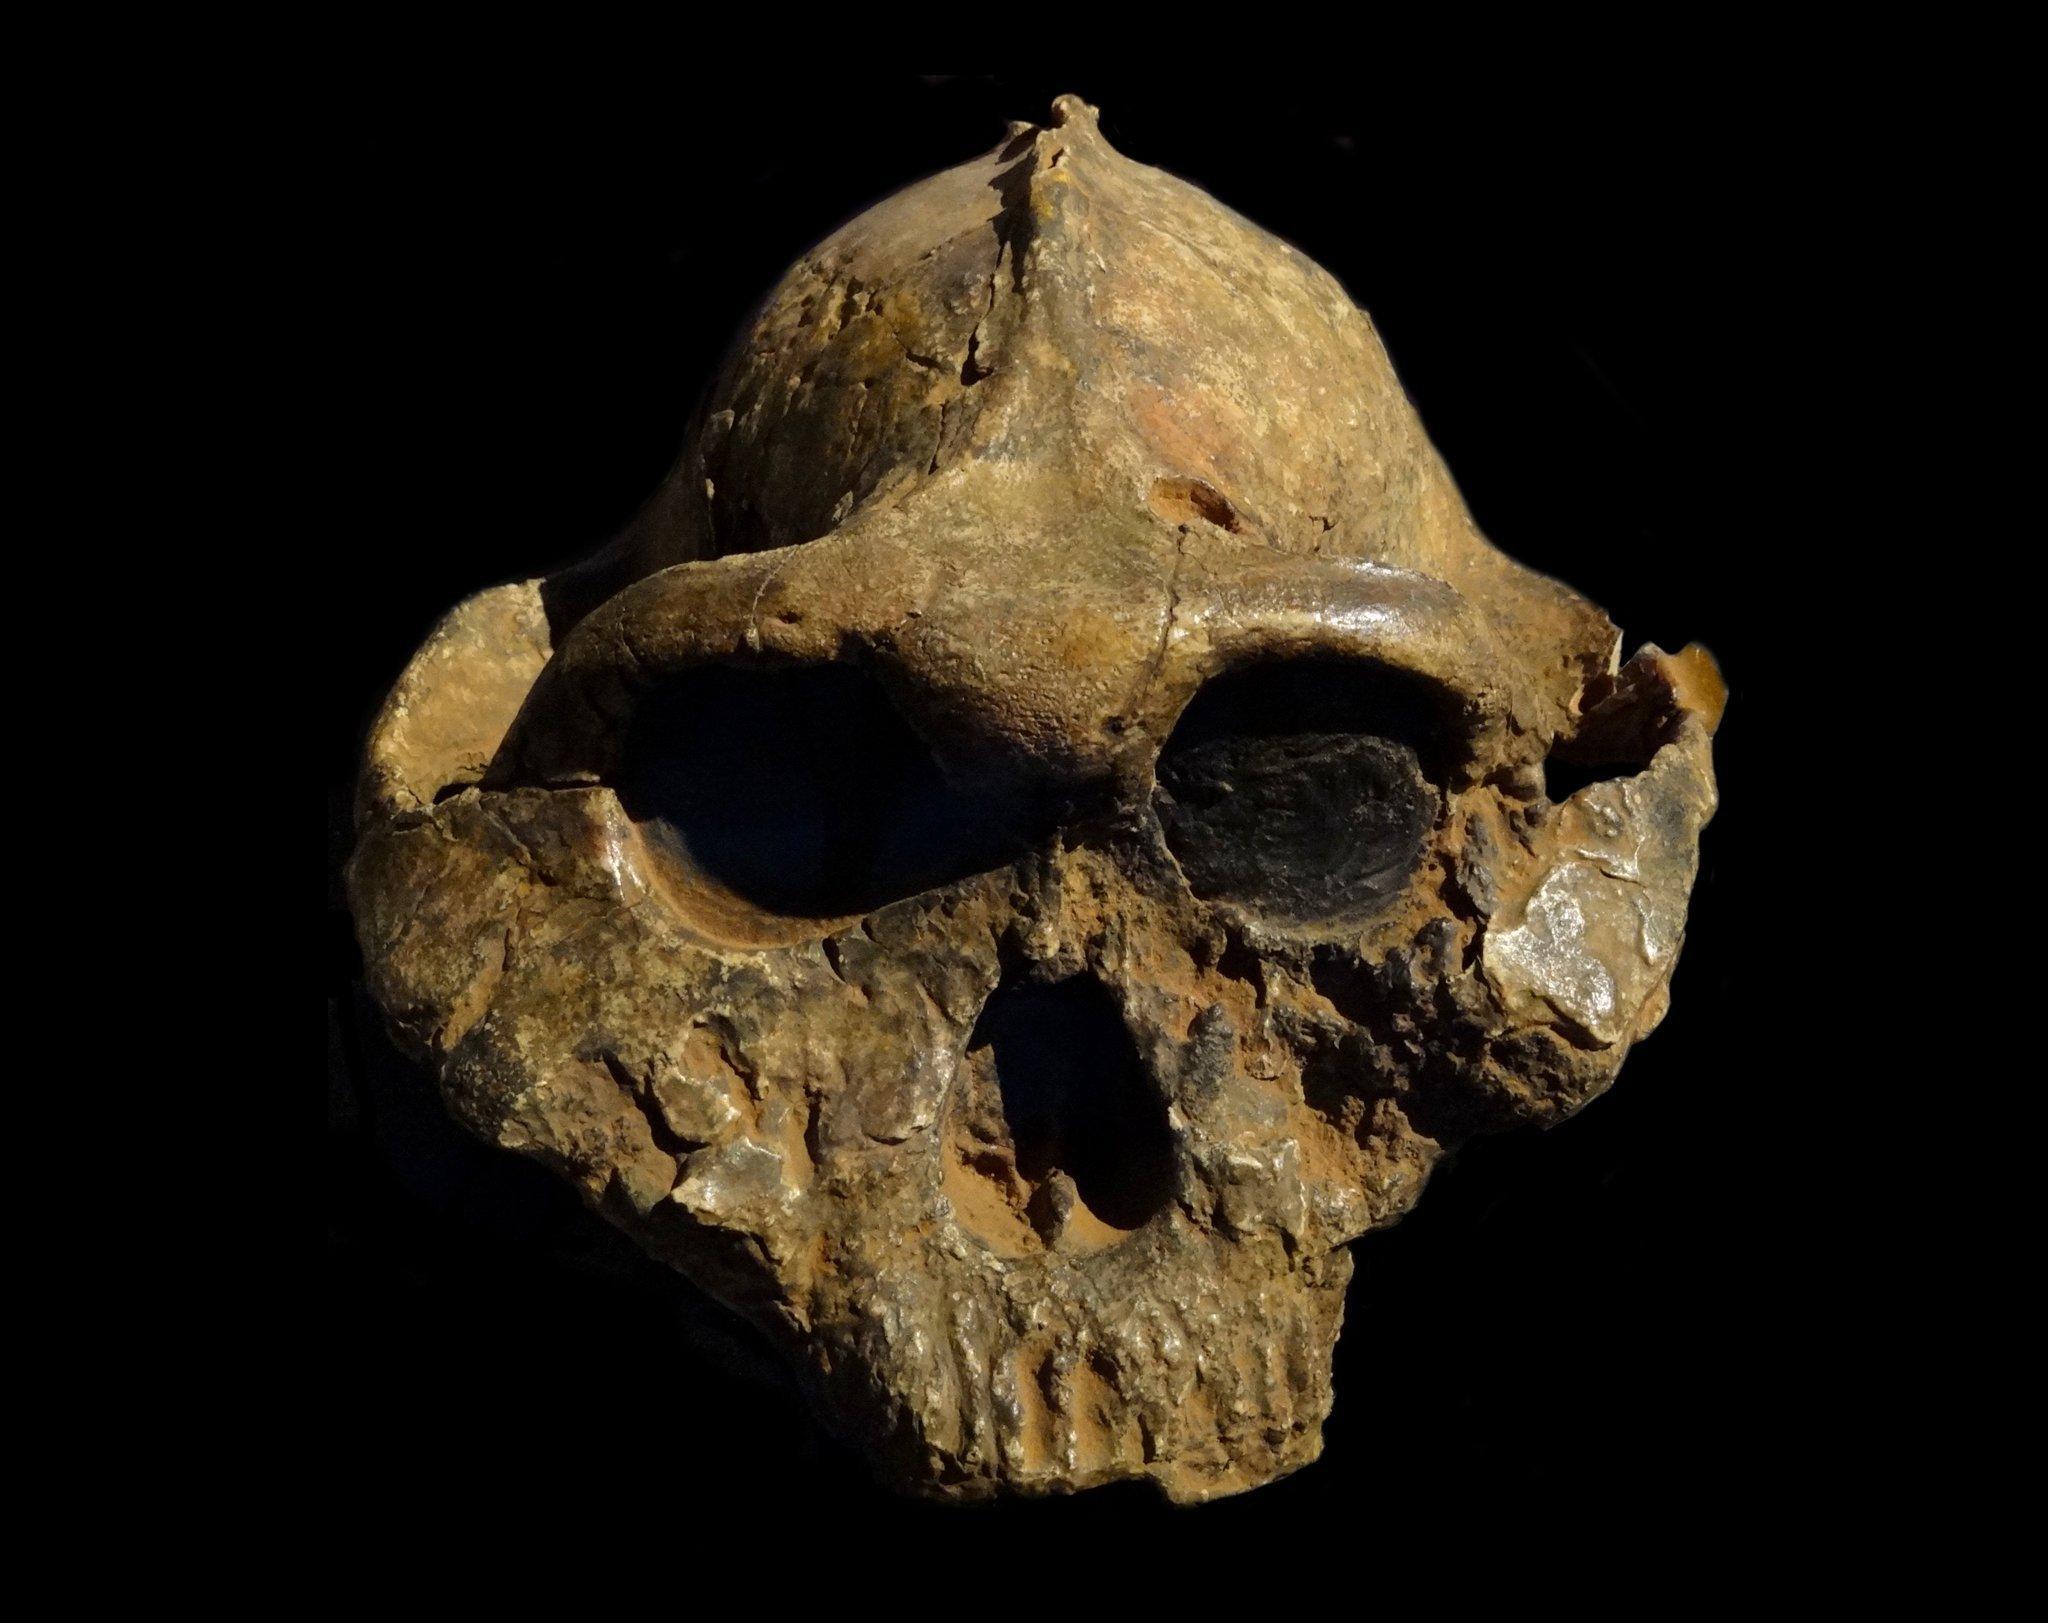 Am fossilen Schädel des Nussknackermenschen Paranthropus boisei ist oben, auf dem Scheitel, eine knöcherne Erhebung zu erkennen. An diesem Knochenkamm setzten einst die stark ausgeprägten Kaumuskeln an.